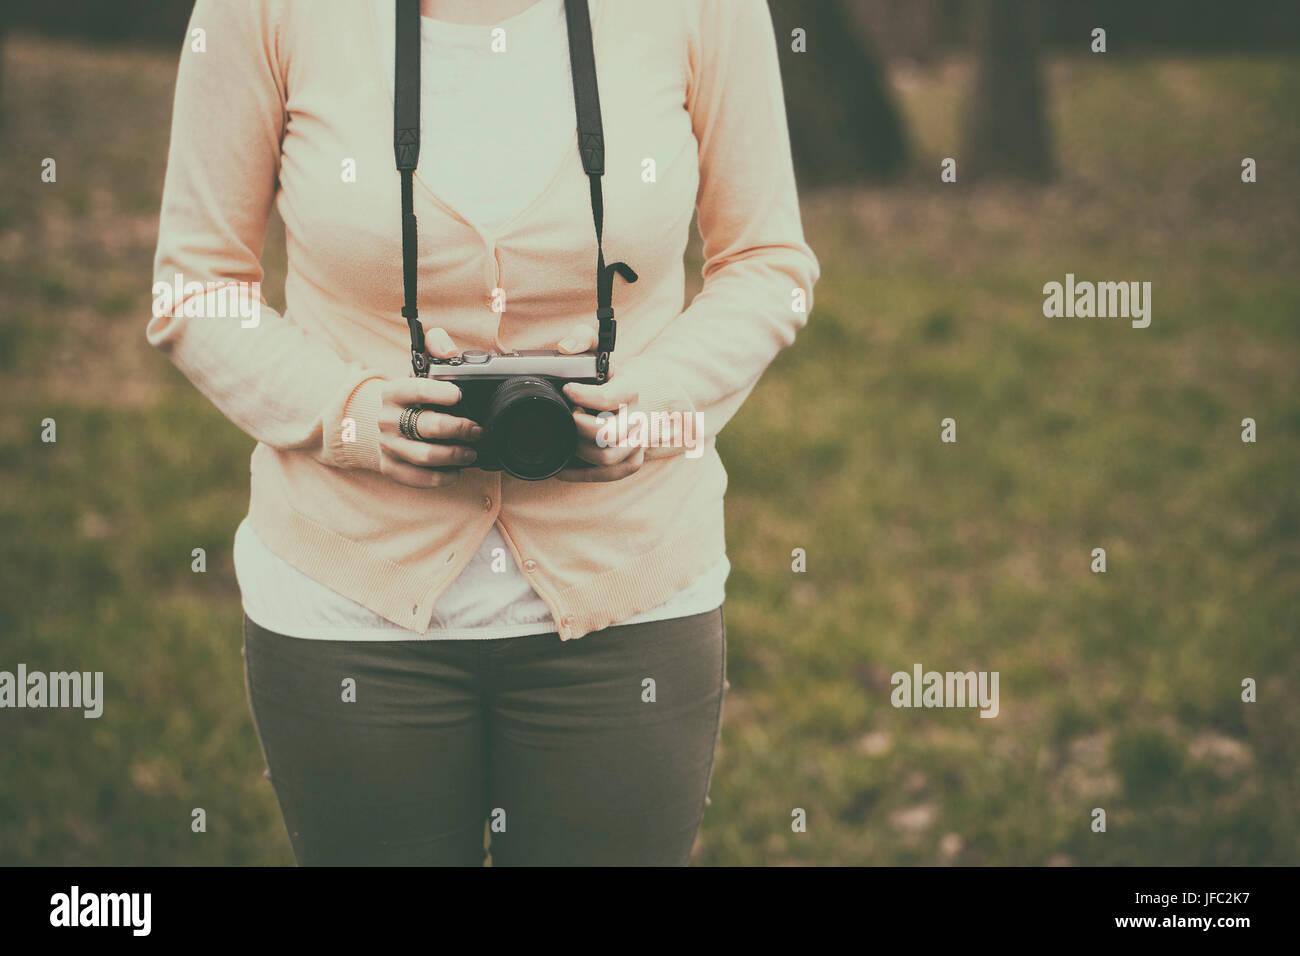 Femme avec un appareil photo rétro Photo Stock